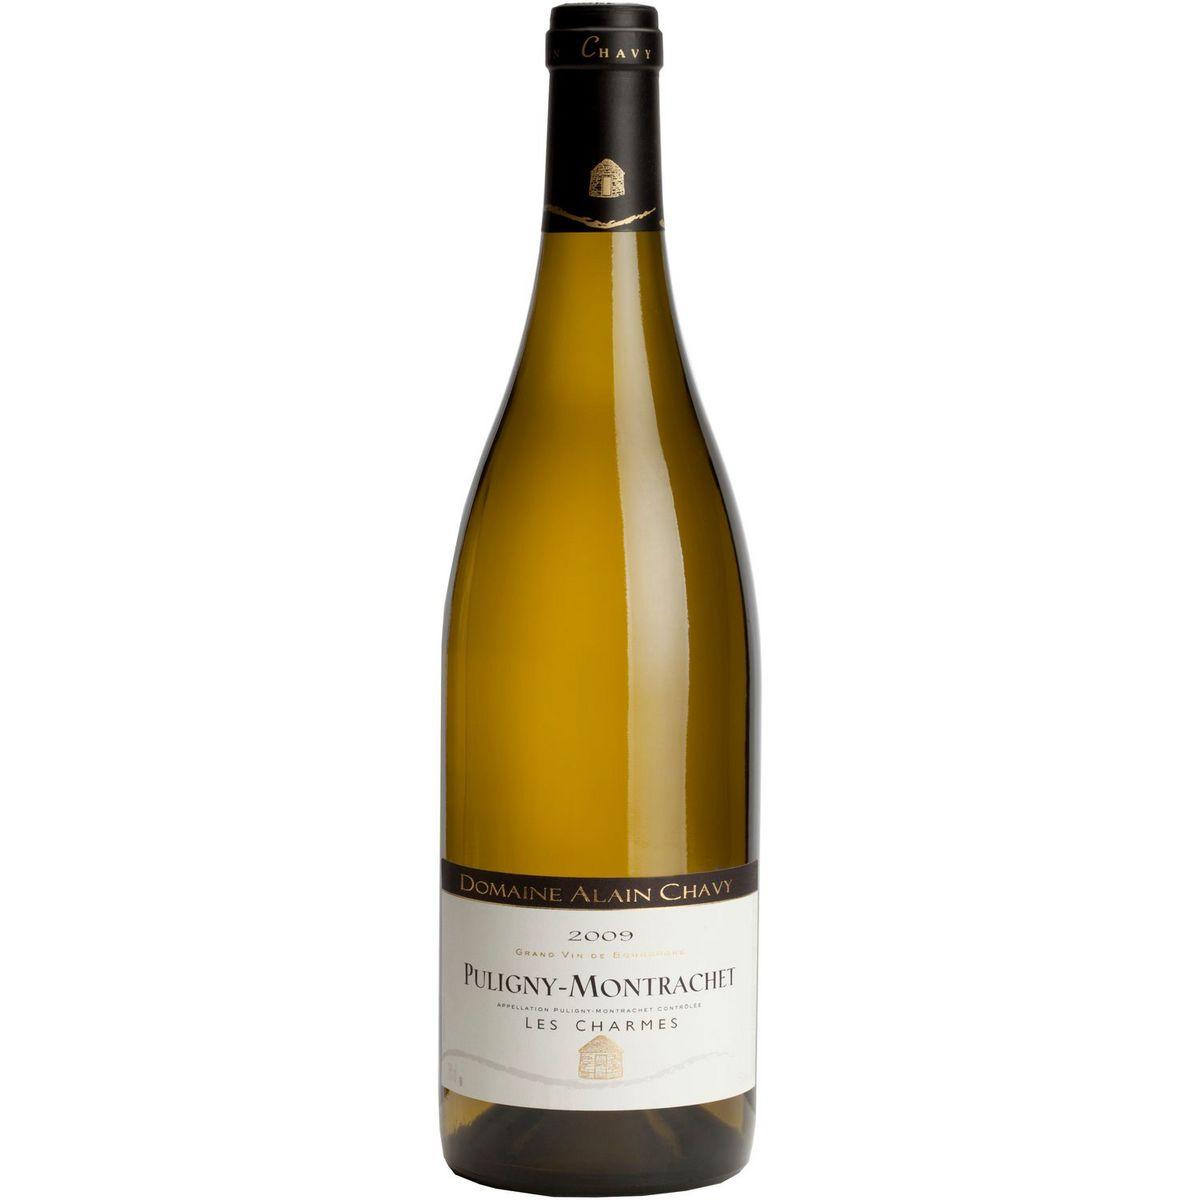 AOP Puligny-Montrachet Les Charmes Domaine Chavy blanc 2017